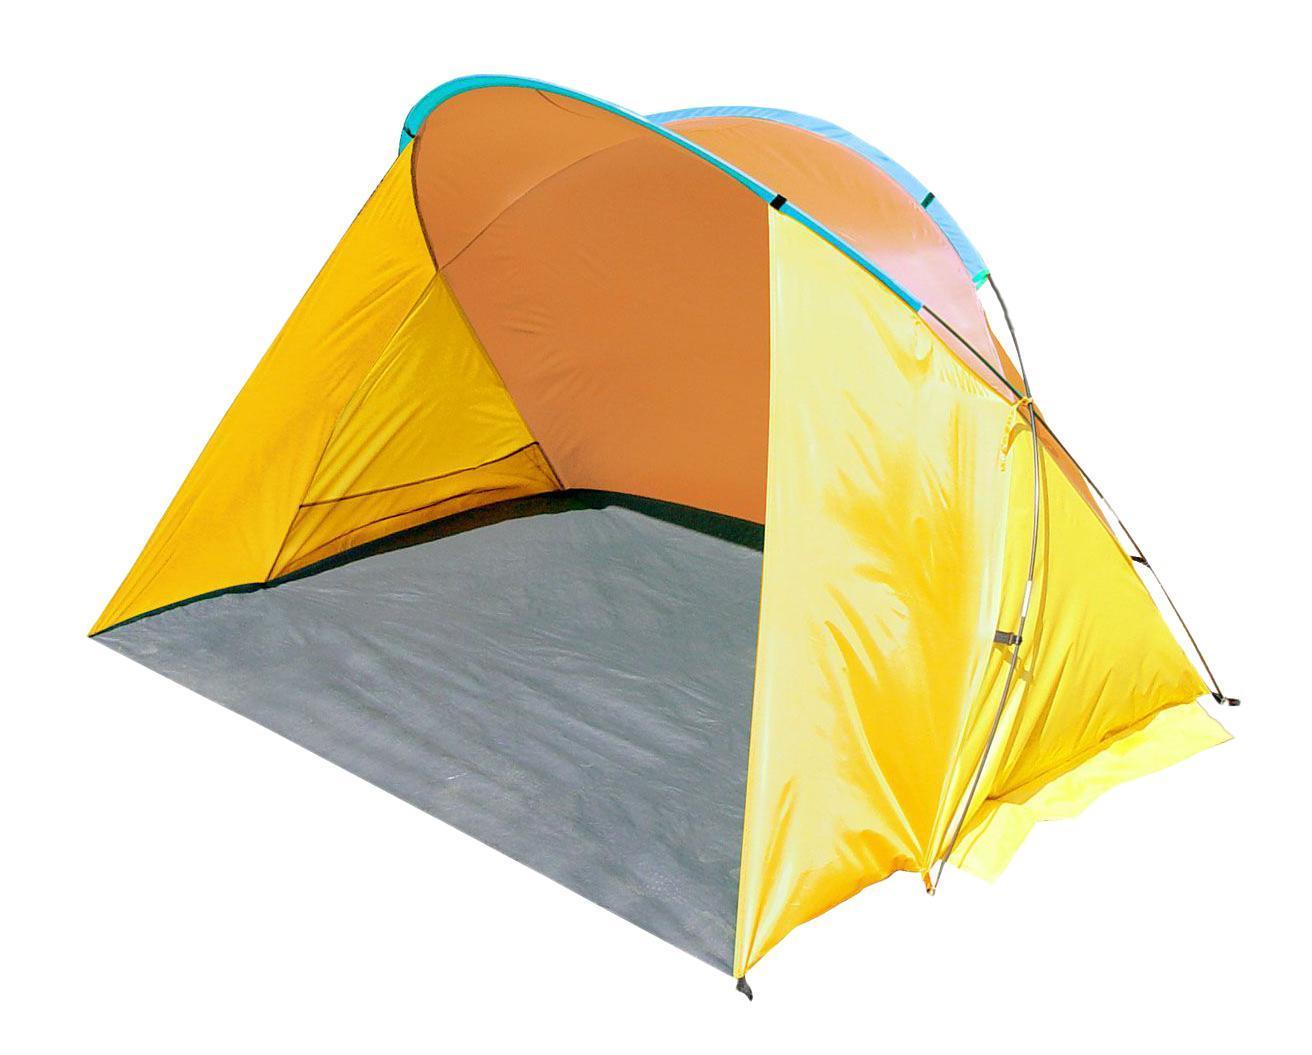 """Однослойный пляжный тент TREK PLANET """"Miami Beach"""", обеспечивает защиту от солнца, ветра и даже легких осадков - особенно полезен для очень маленьких детей. Очень прост в установке, имеет малый вес и удобный чехол с ручкой для переноски.Особенности модели:- Простая и быстрая установка- Тент палатки из полиэстера, с пропиткой PU водостойкостью 800 мм- Каркас выполнен из прочного стекловолокна- Дно изготовлено из прочного армированного полиэтилена- Утяжеляющие карманы для песка для устойчивости тента- Карманы для мелочей по бокам тента- Растяжки и колышки в комплекте."""